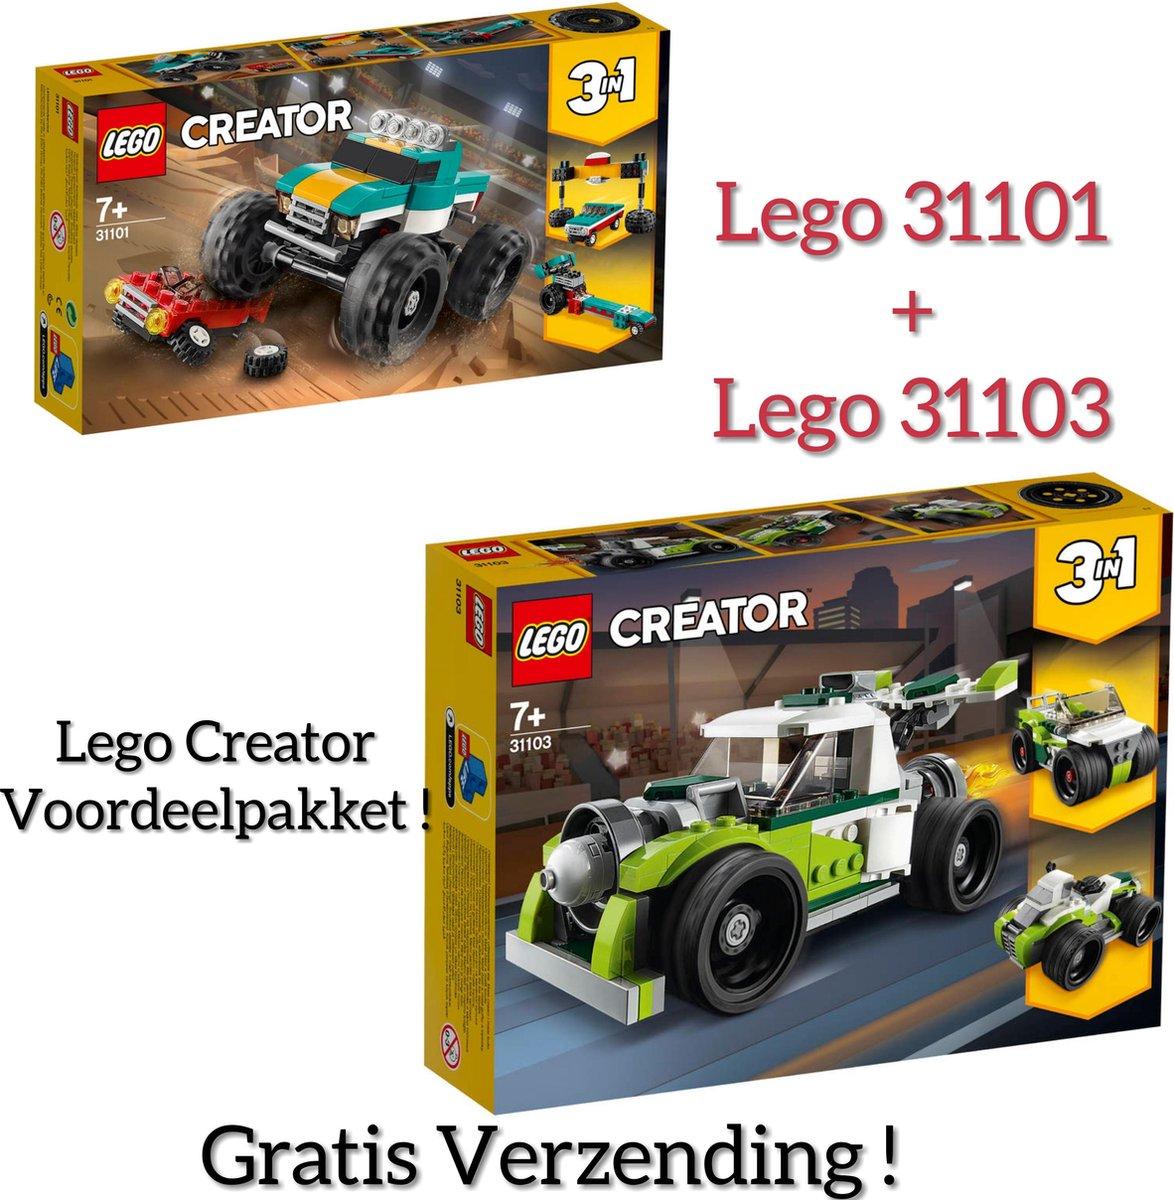 VOORDEEL PAKKET LEGO CREATOR / LEGO Creator Monstertruck 31101 +  LEGO Creator Raketwagen 31103 (GRATIS VERZENDING)